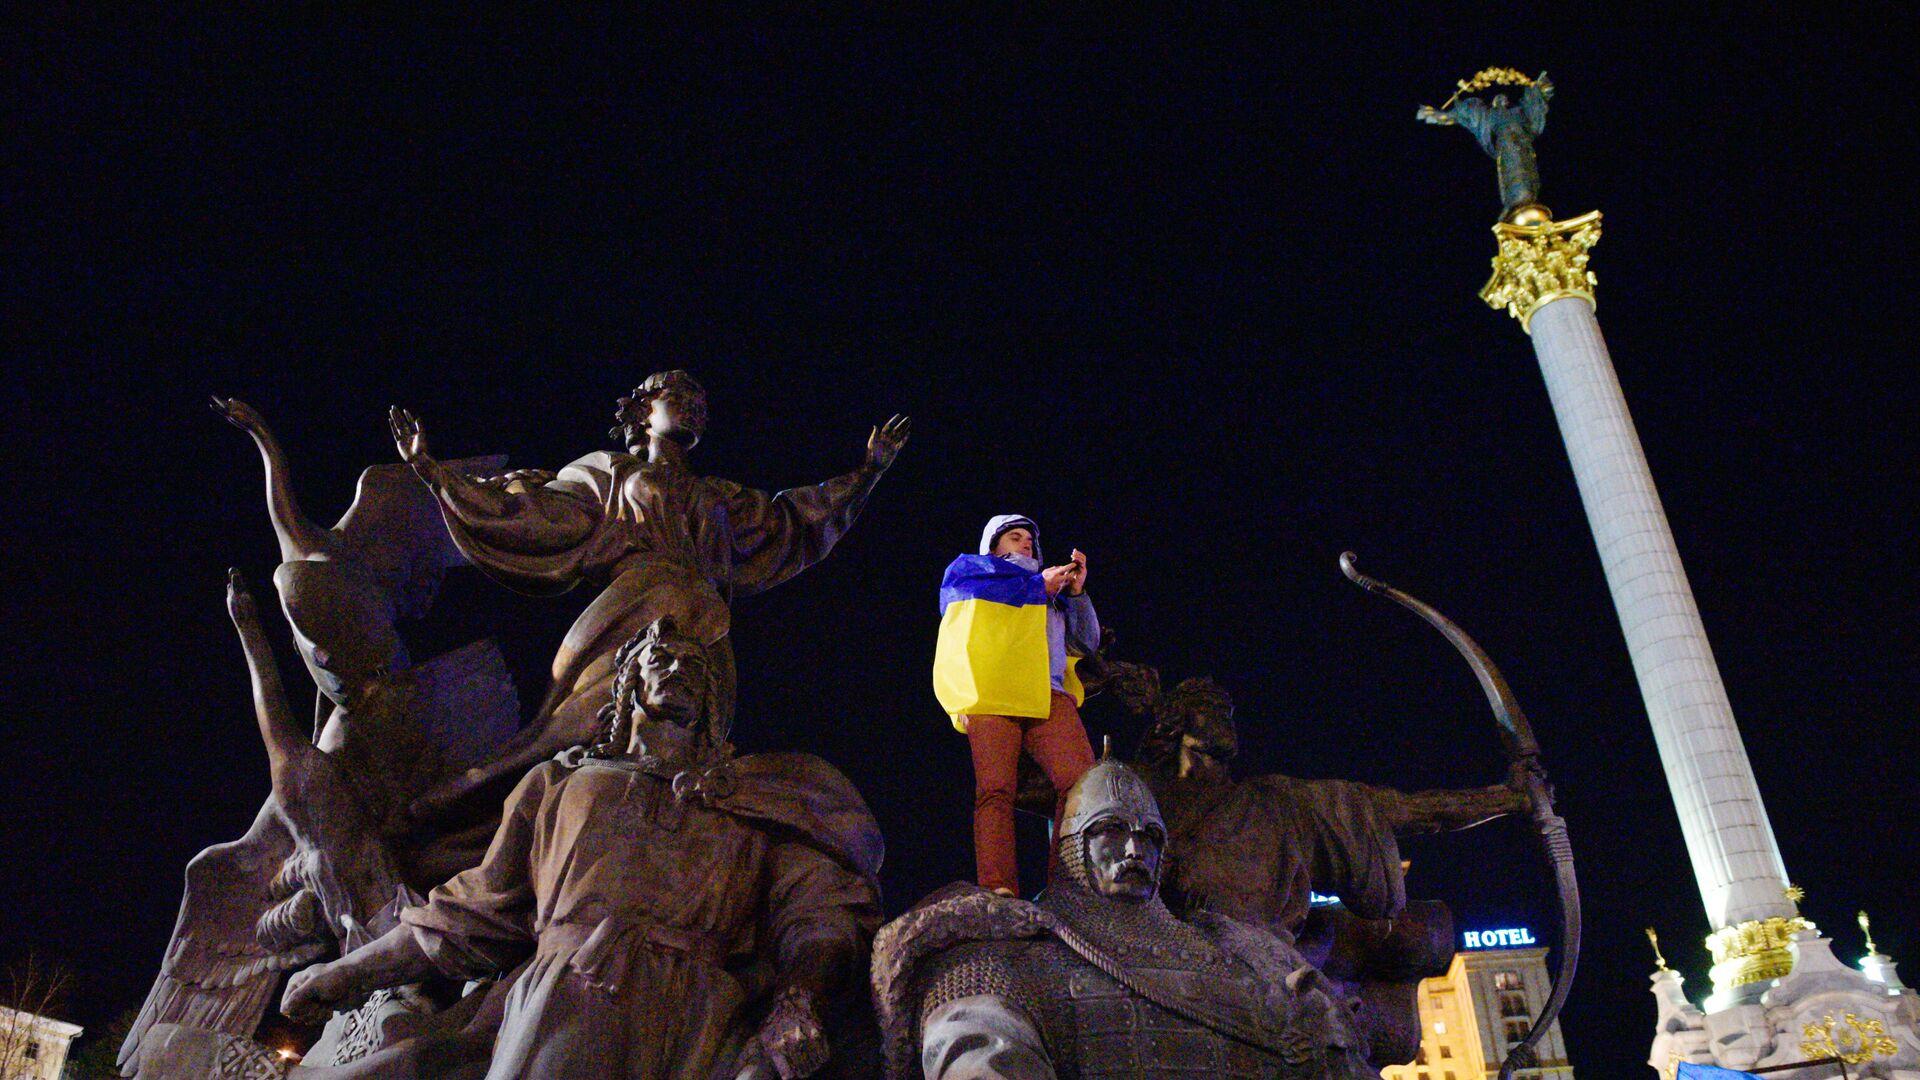 Митинг в Киеве в честь годовщины событий на Майдане - РИА Новости, 1920, 21.01.2021